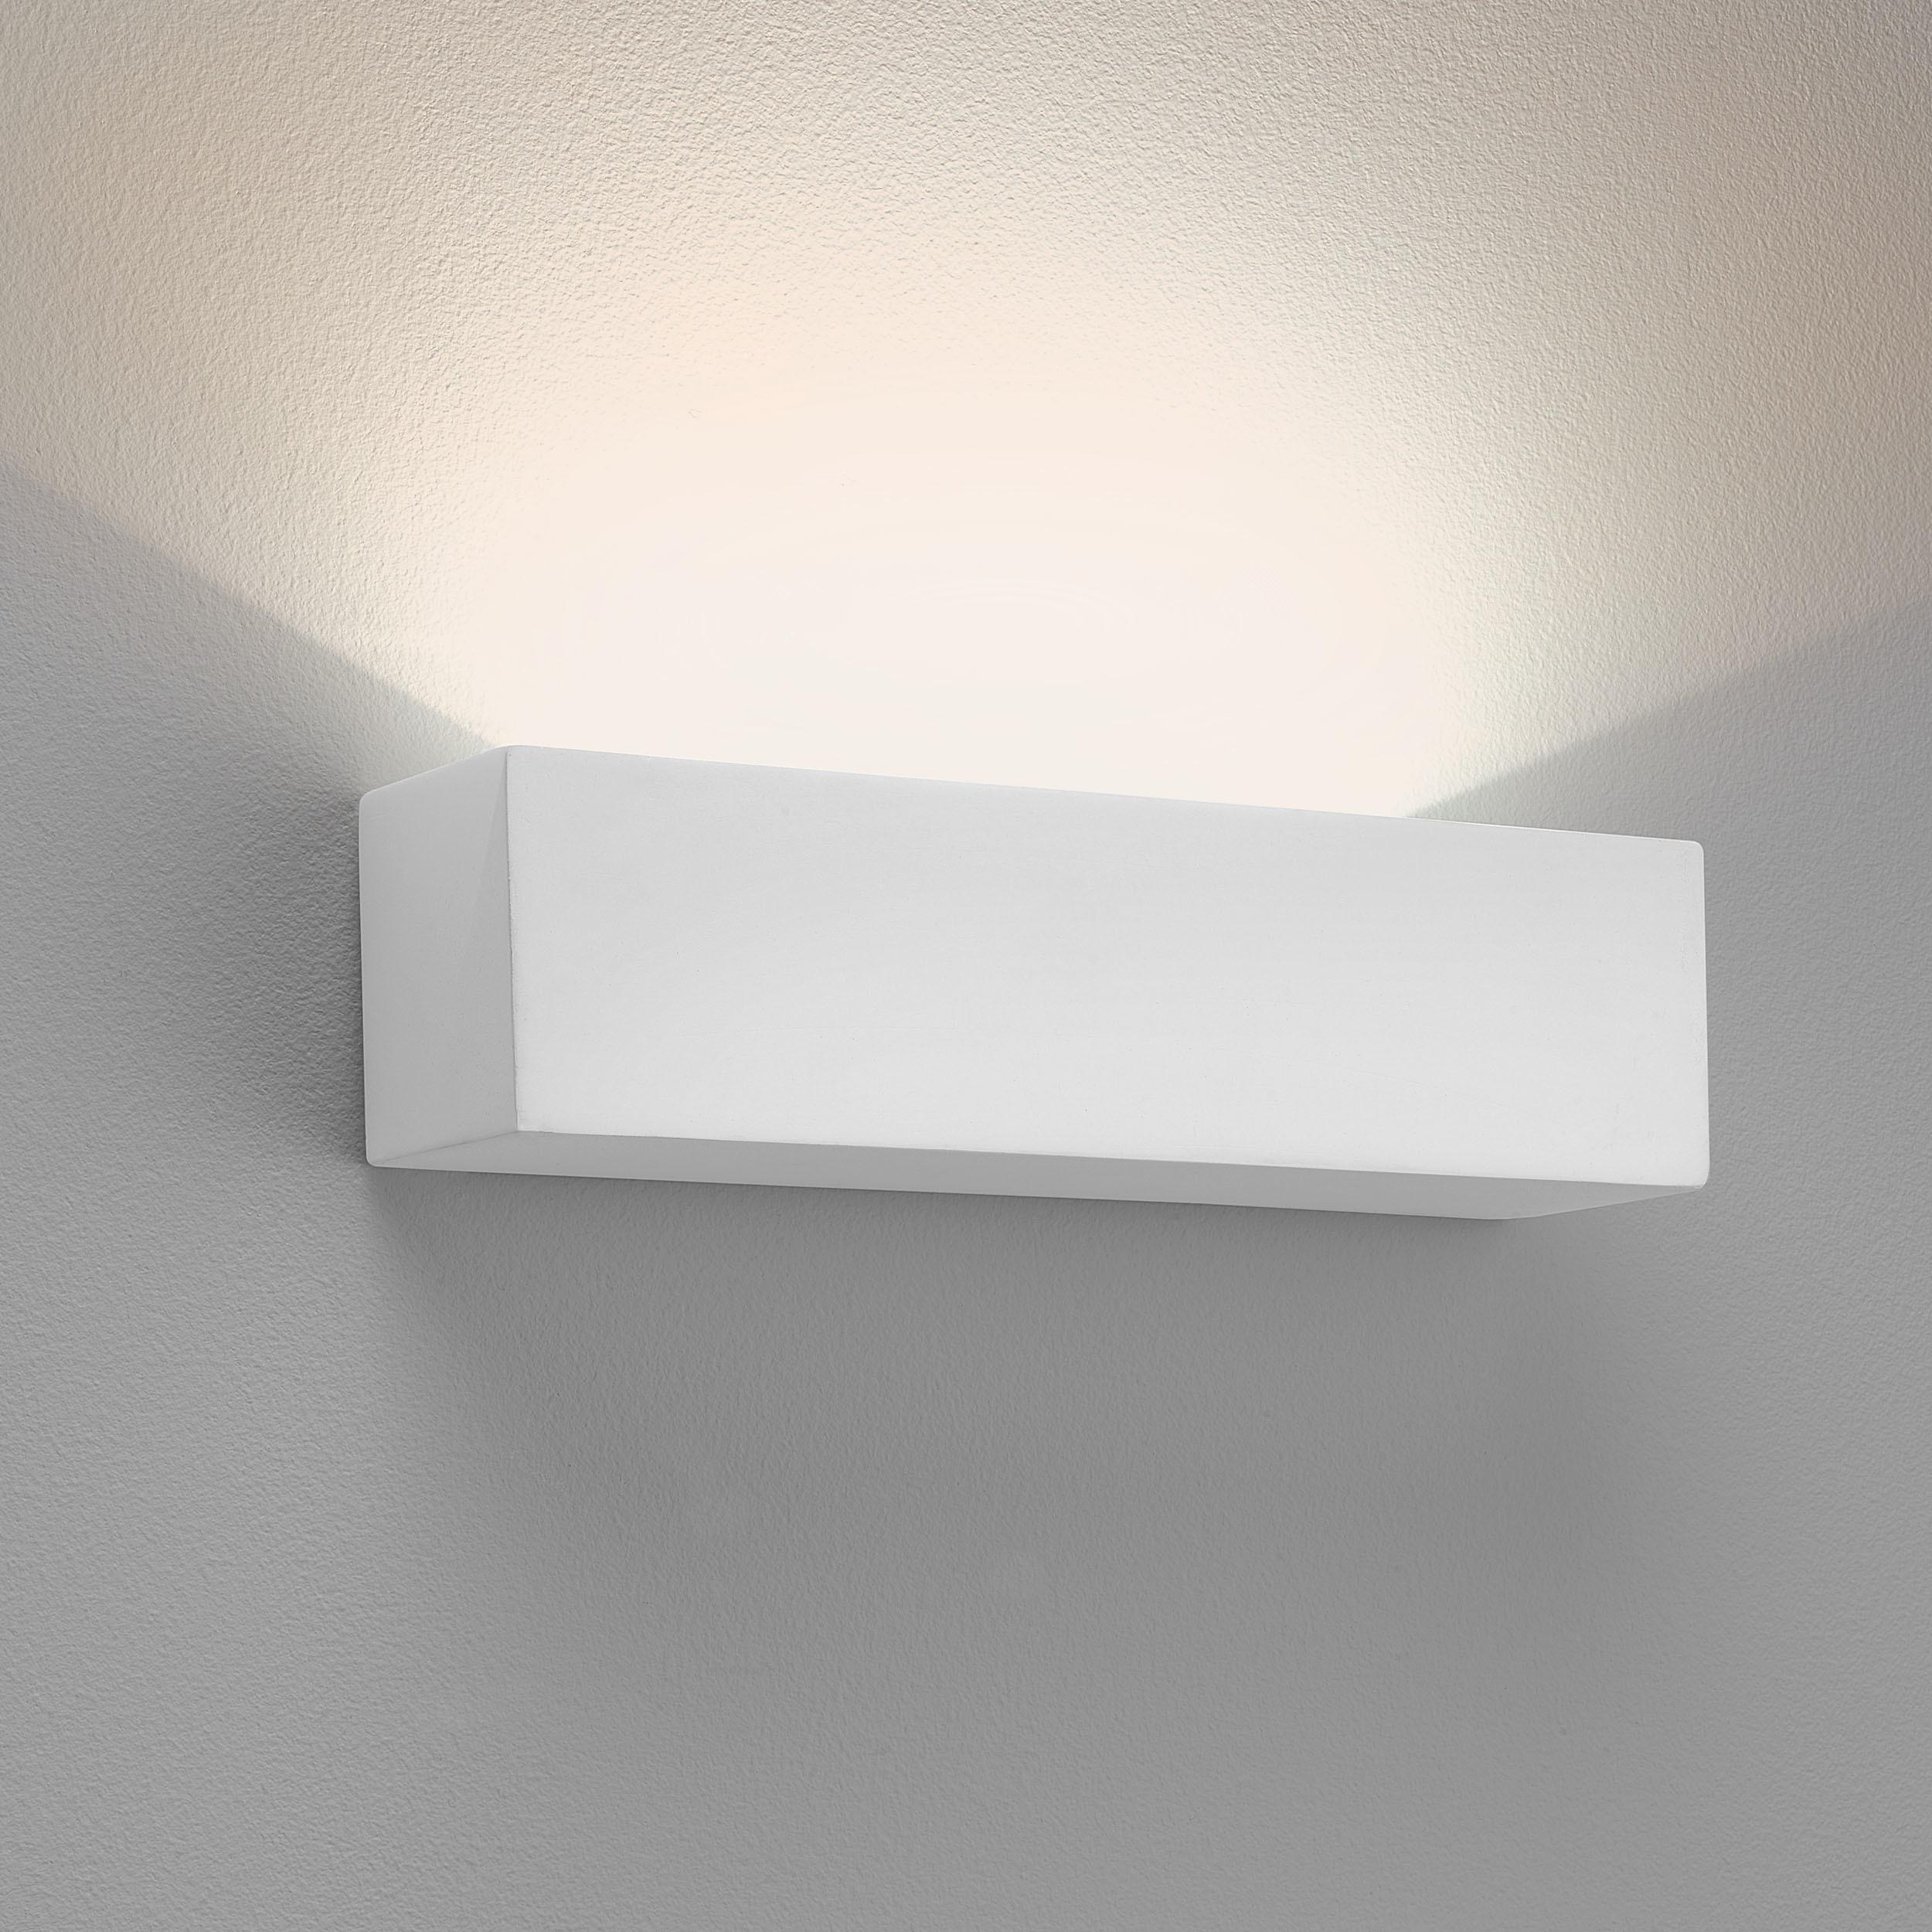 Настенный светодиодный светильник Astro Parma 1187002 (887), LED 9,04W 3000K 301lm CRI80, белый, под покраску, гипс - фото 1